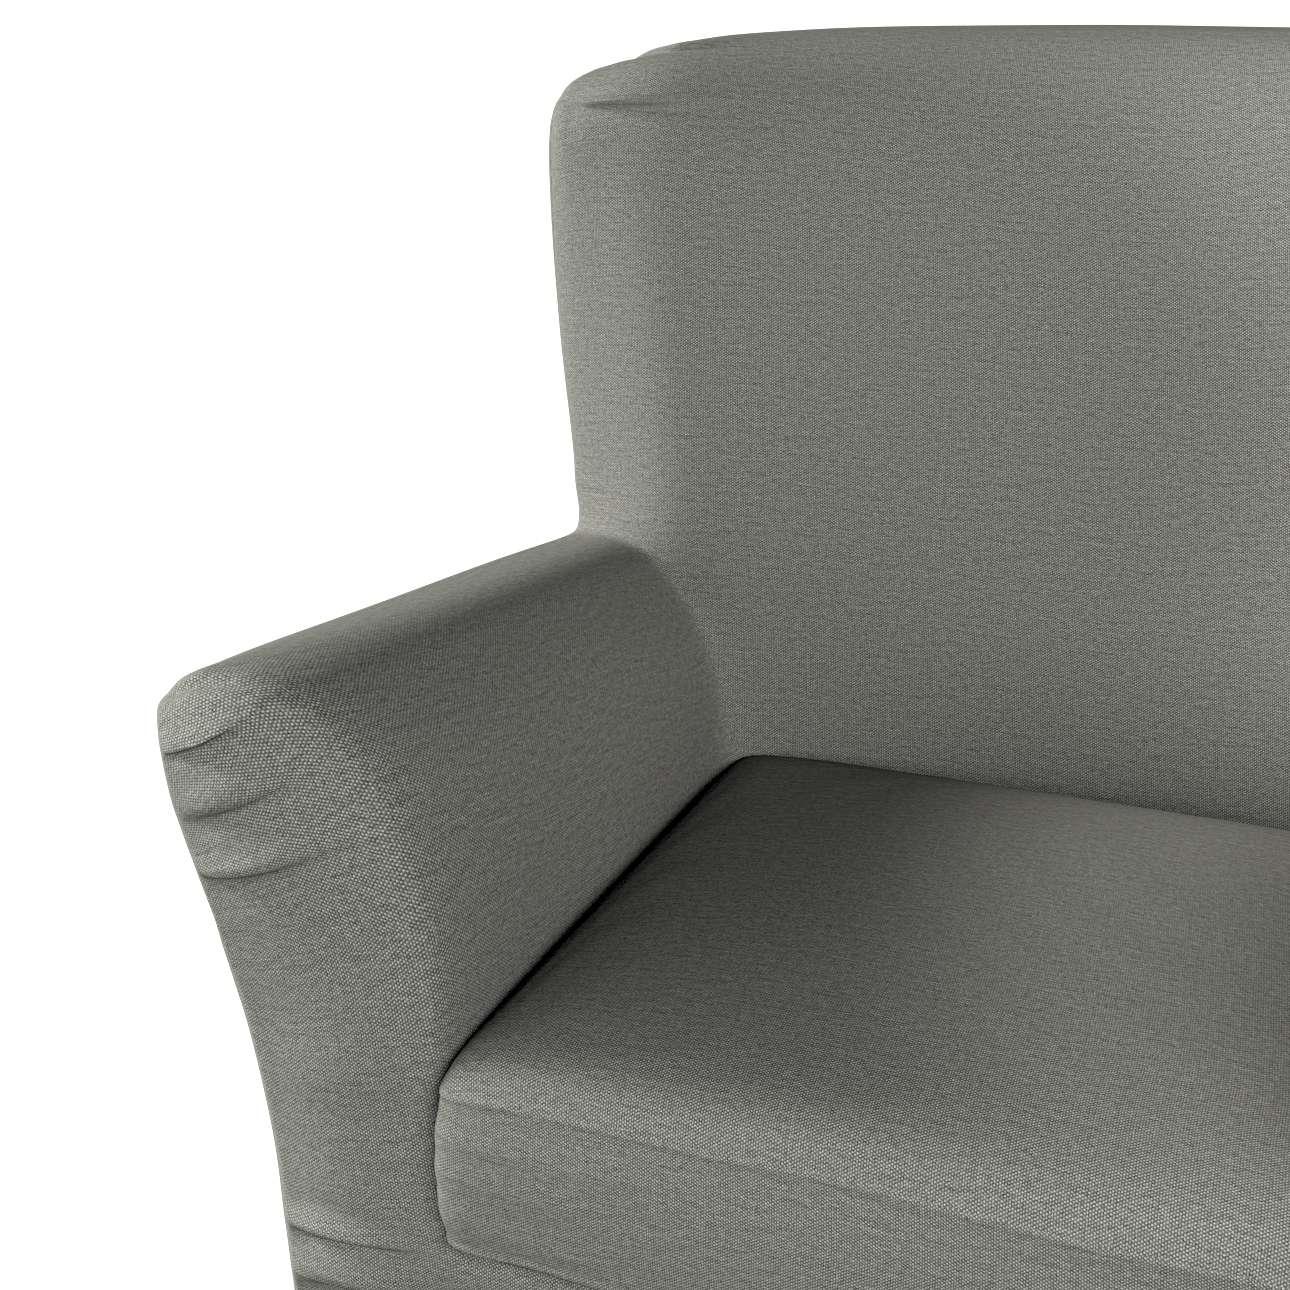 Pokrowiec na fotel Tomelilla z zakładkami w kolekcji Etna, tkanina: 161-25